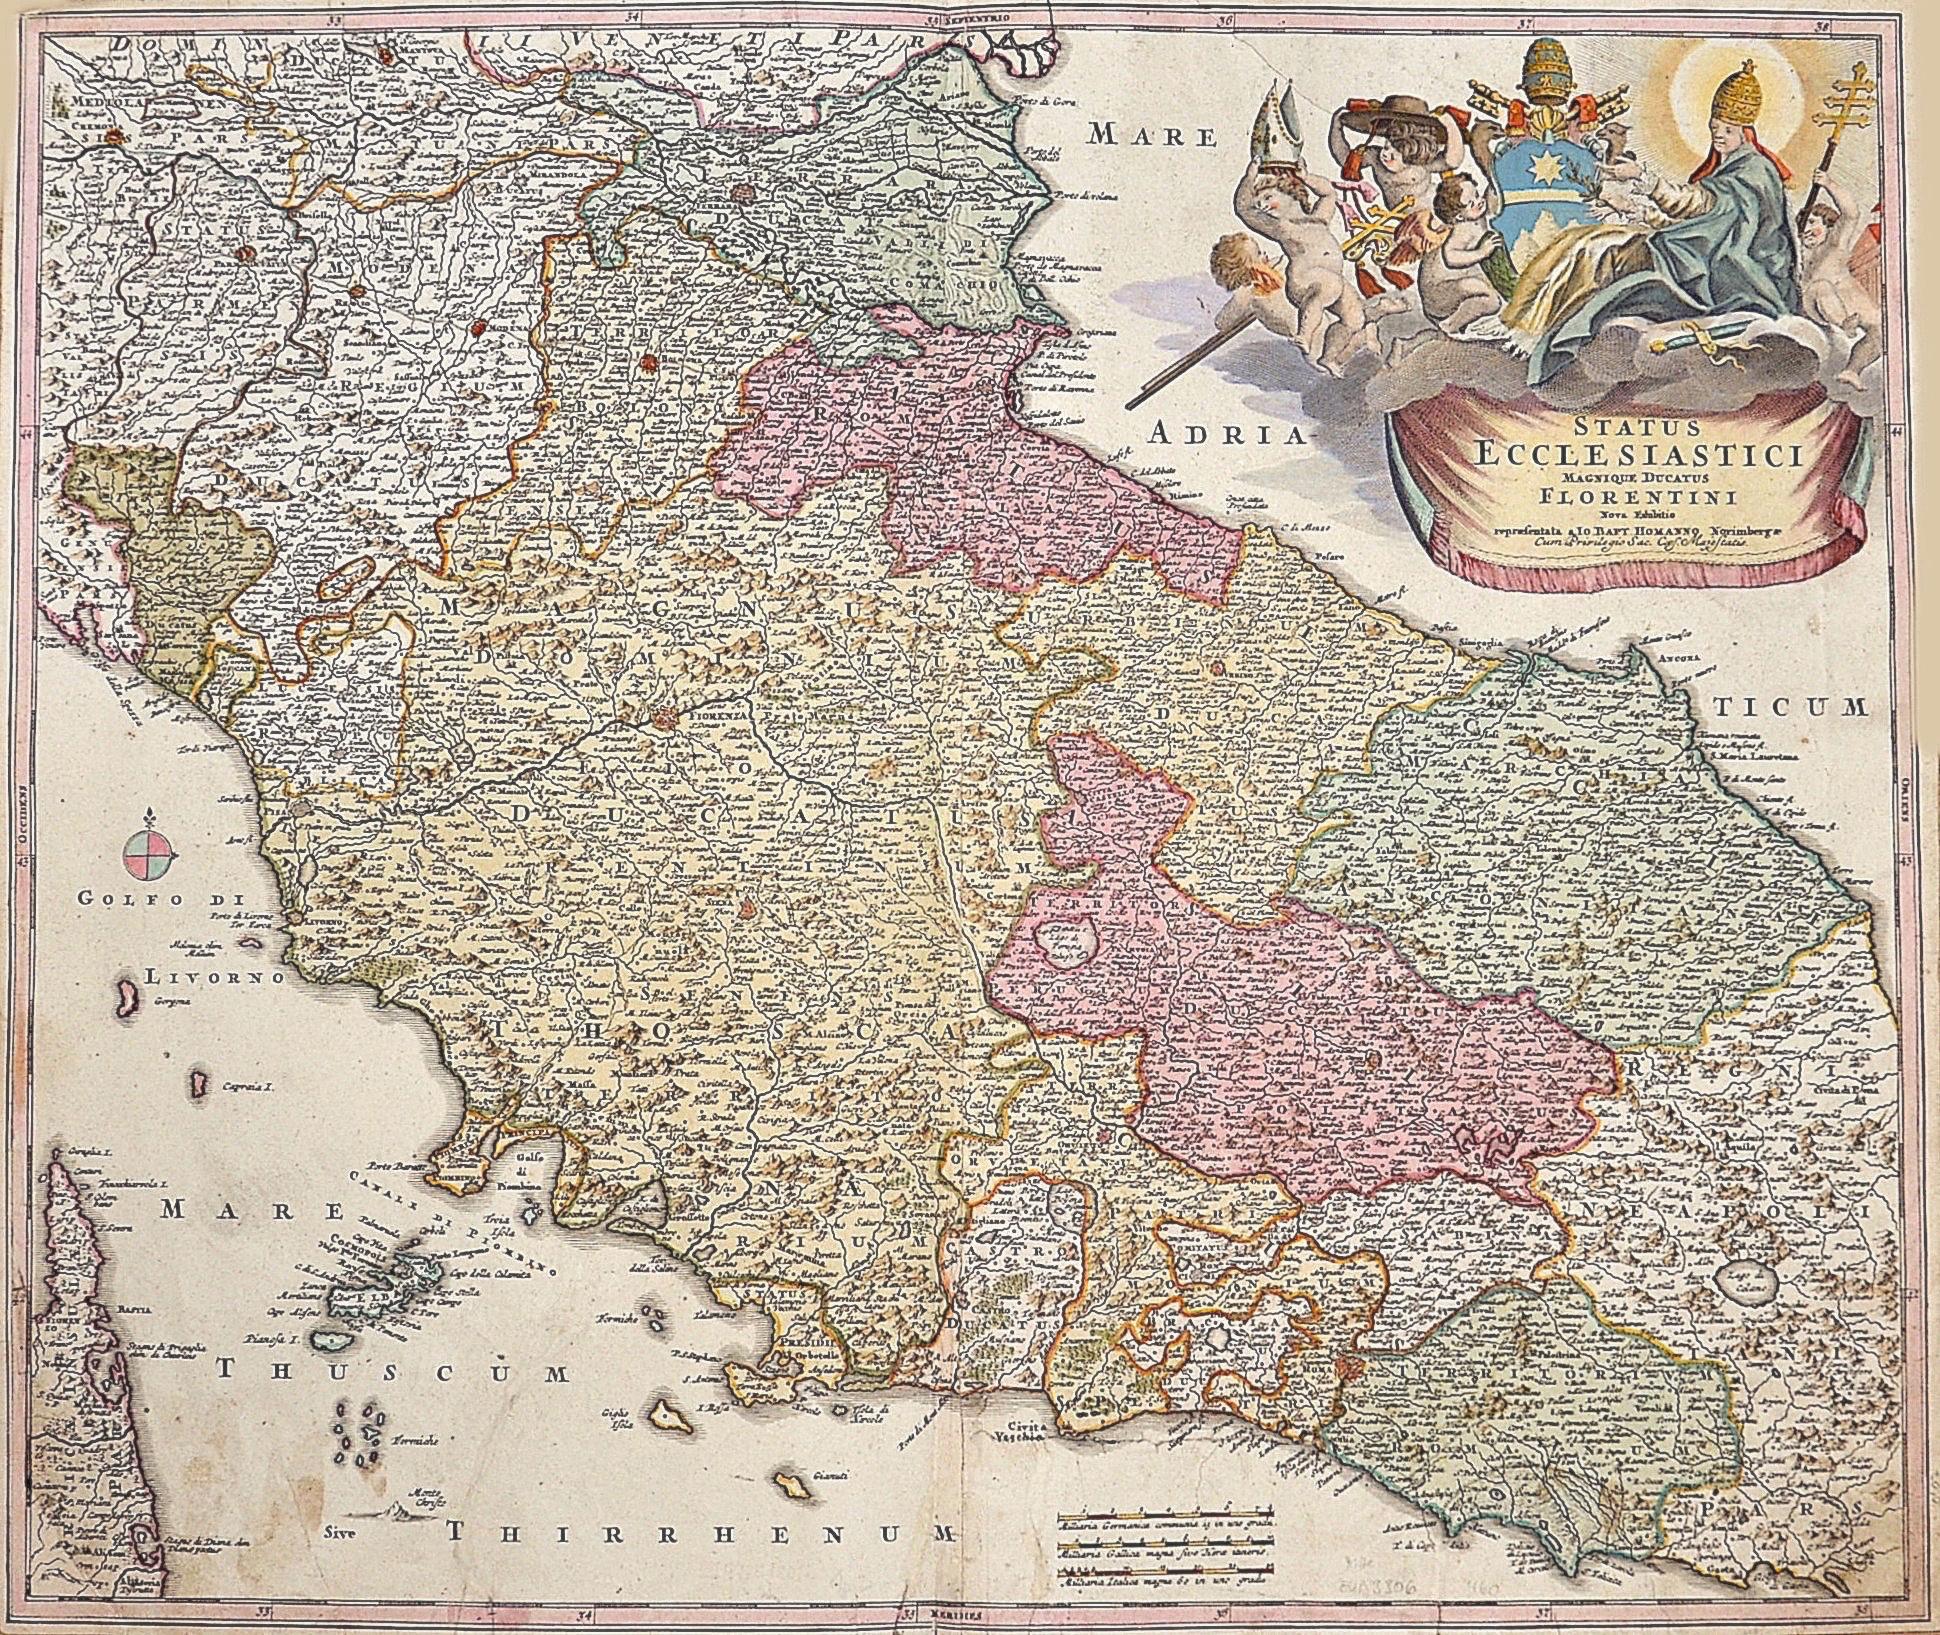 Homann  Status Ecclesiastici magnique ducatus Florentini